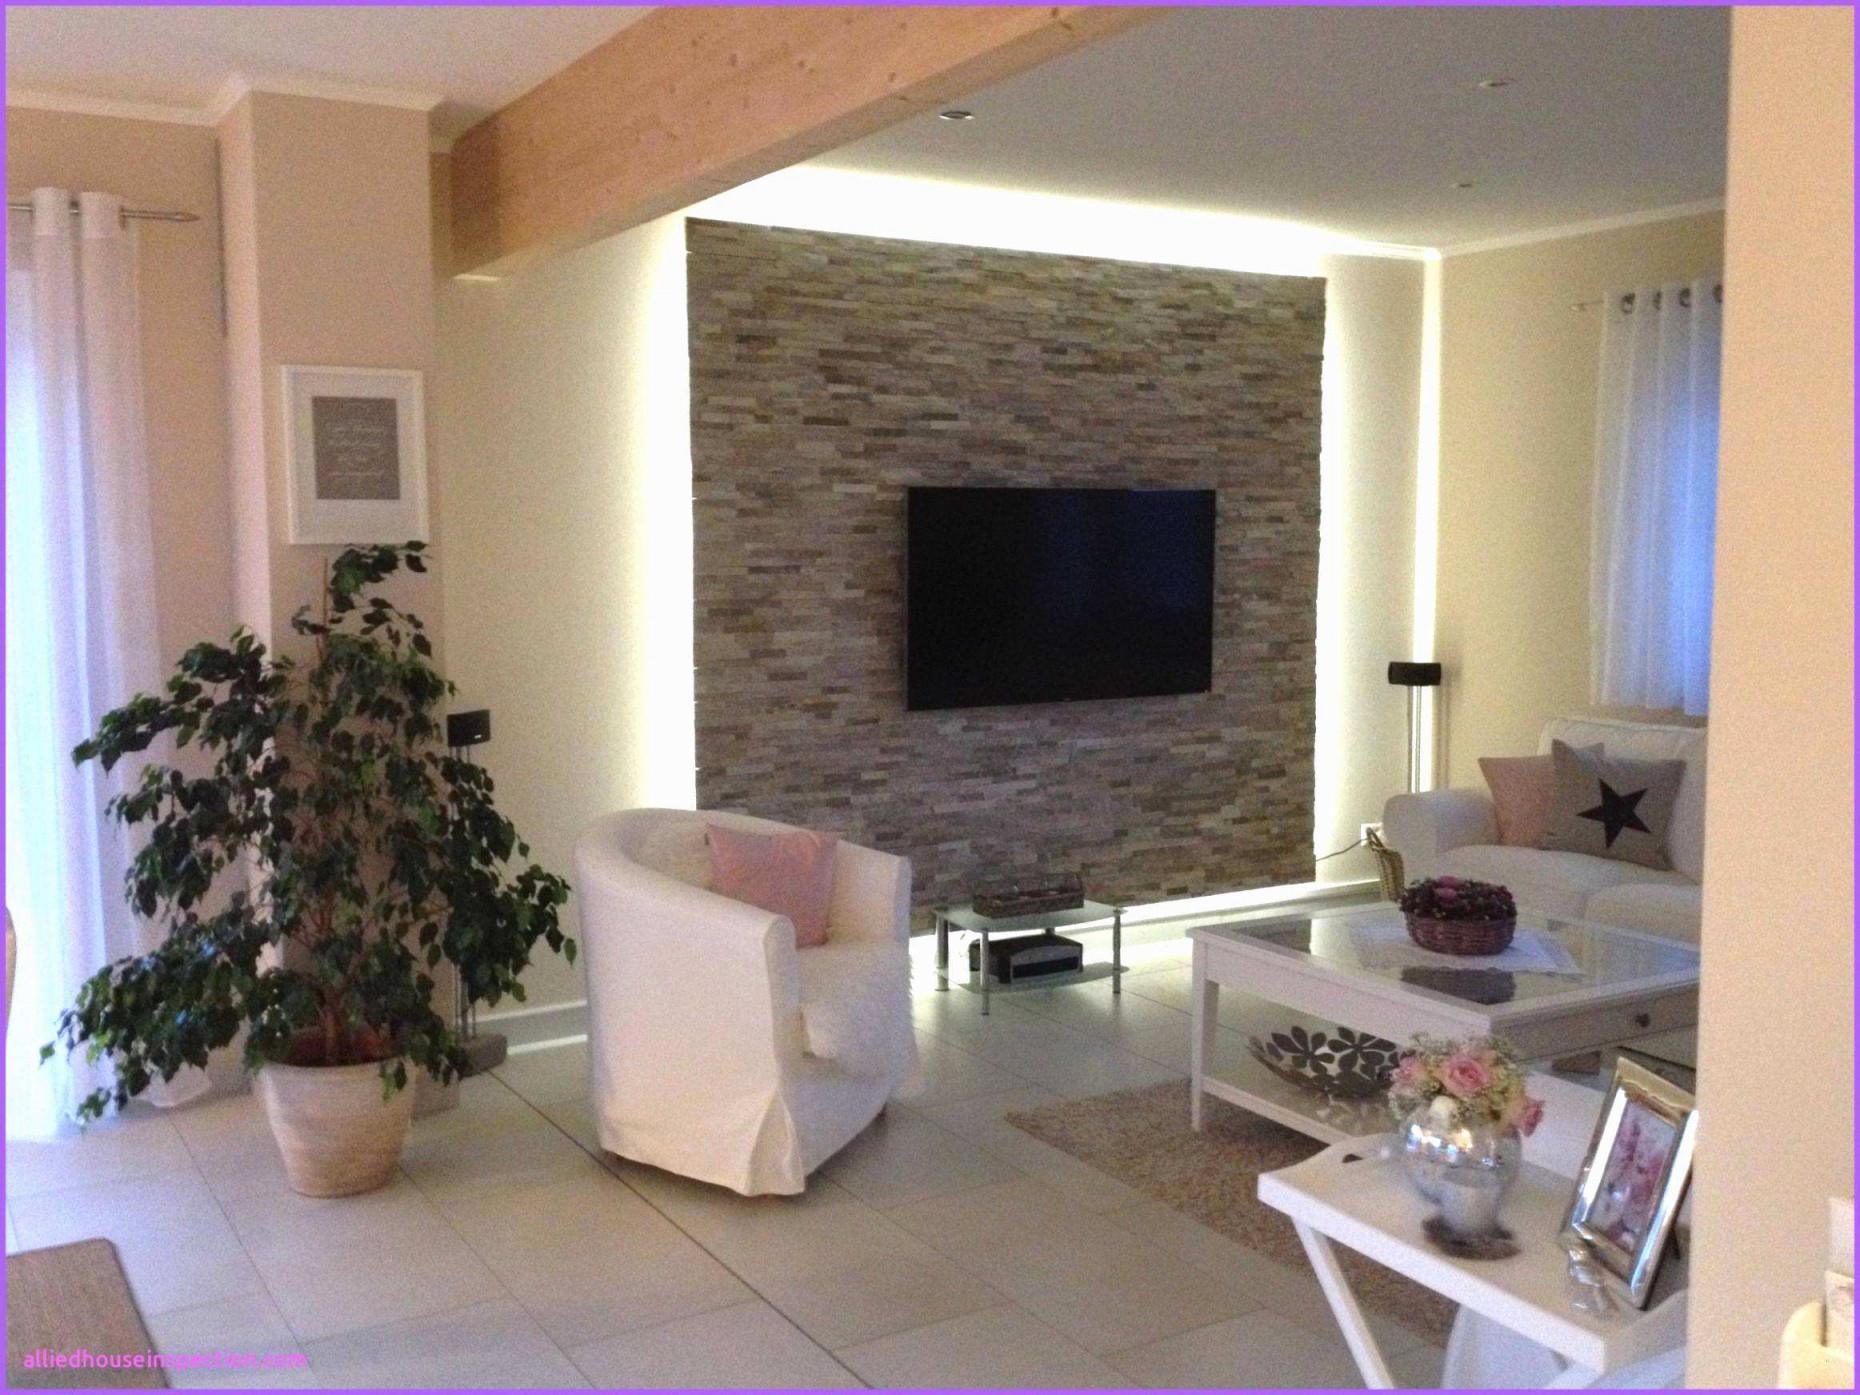 Wohnzimmer Landhausstil Gestalten Luxus Wohnzimmer Ideen von Wohnzimmer Landhausstil Ideen Bild